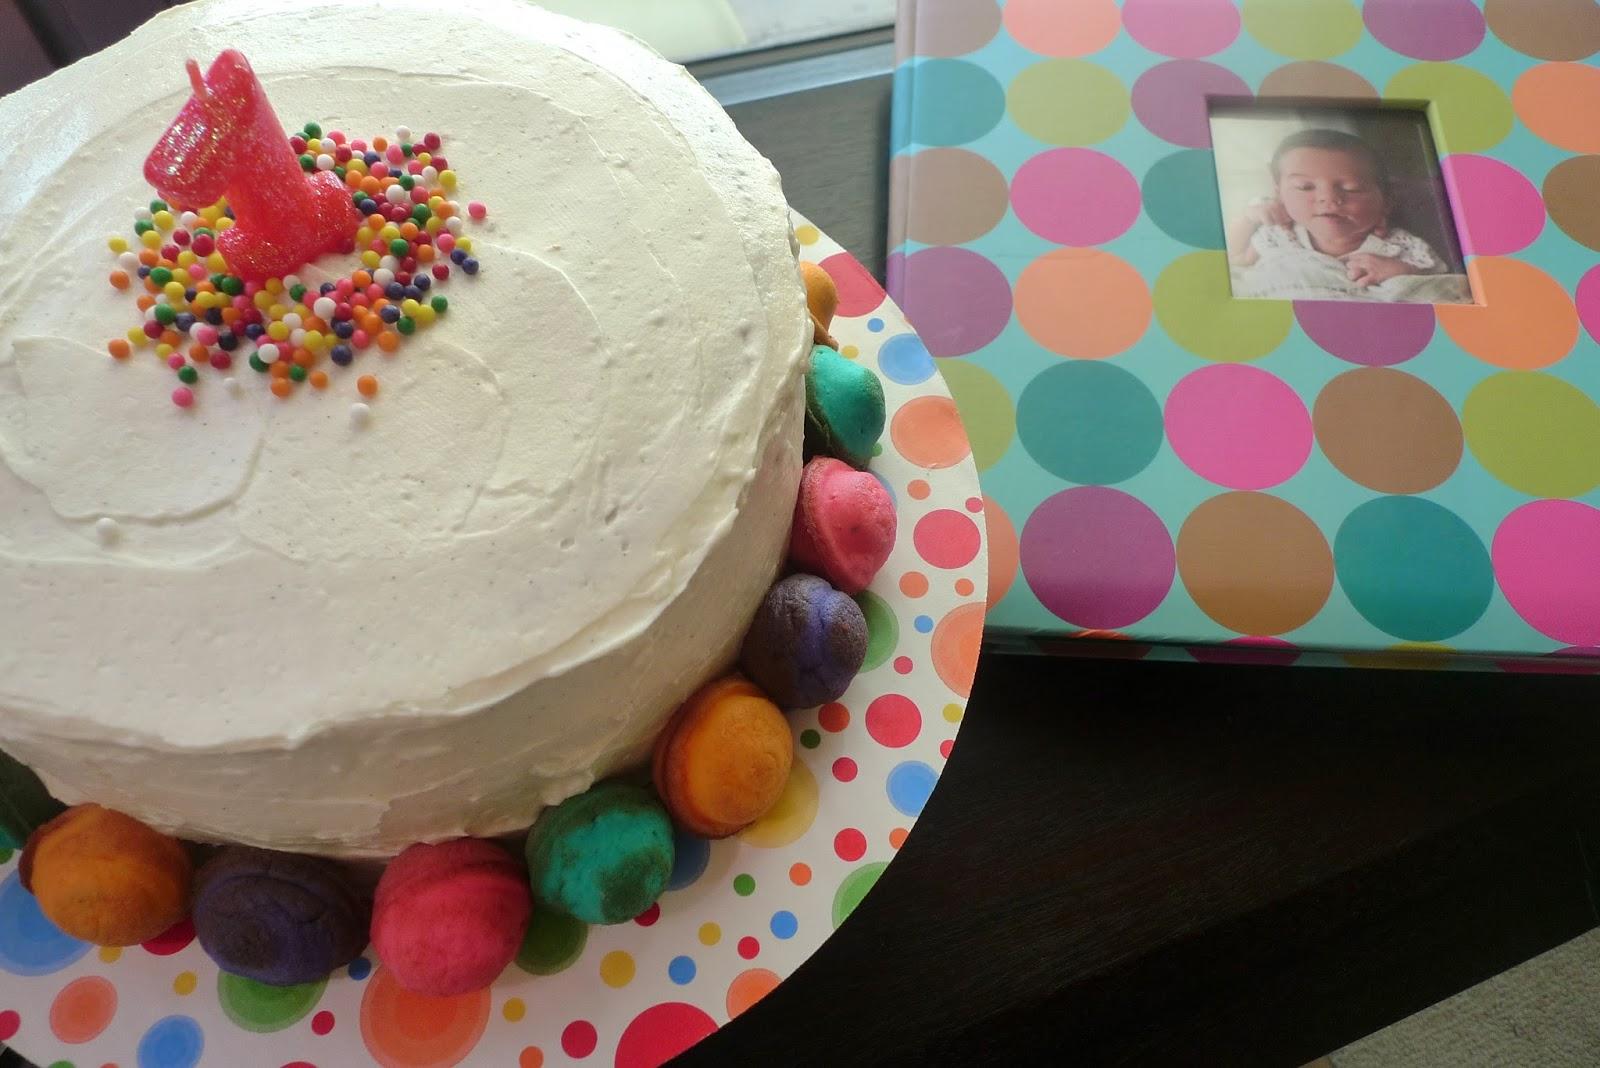 Freezing Leftover Birthday Cake